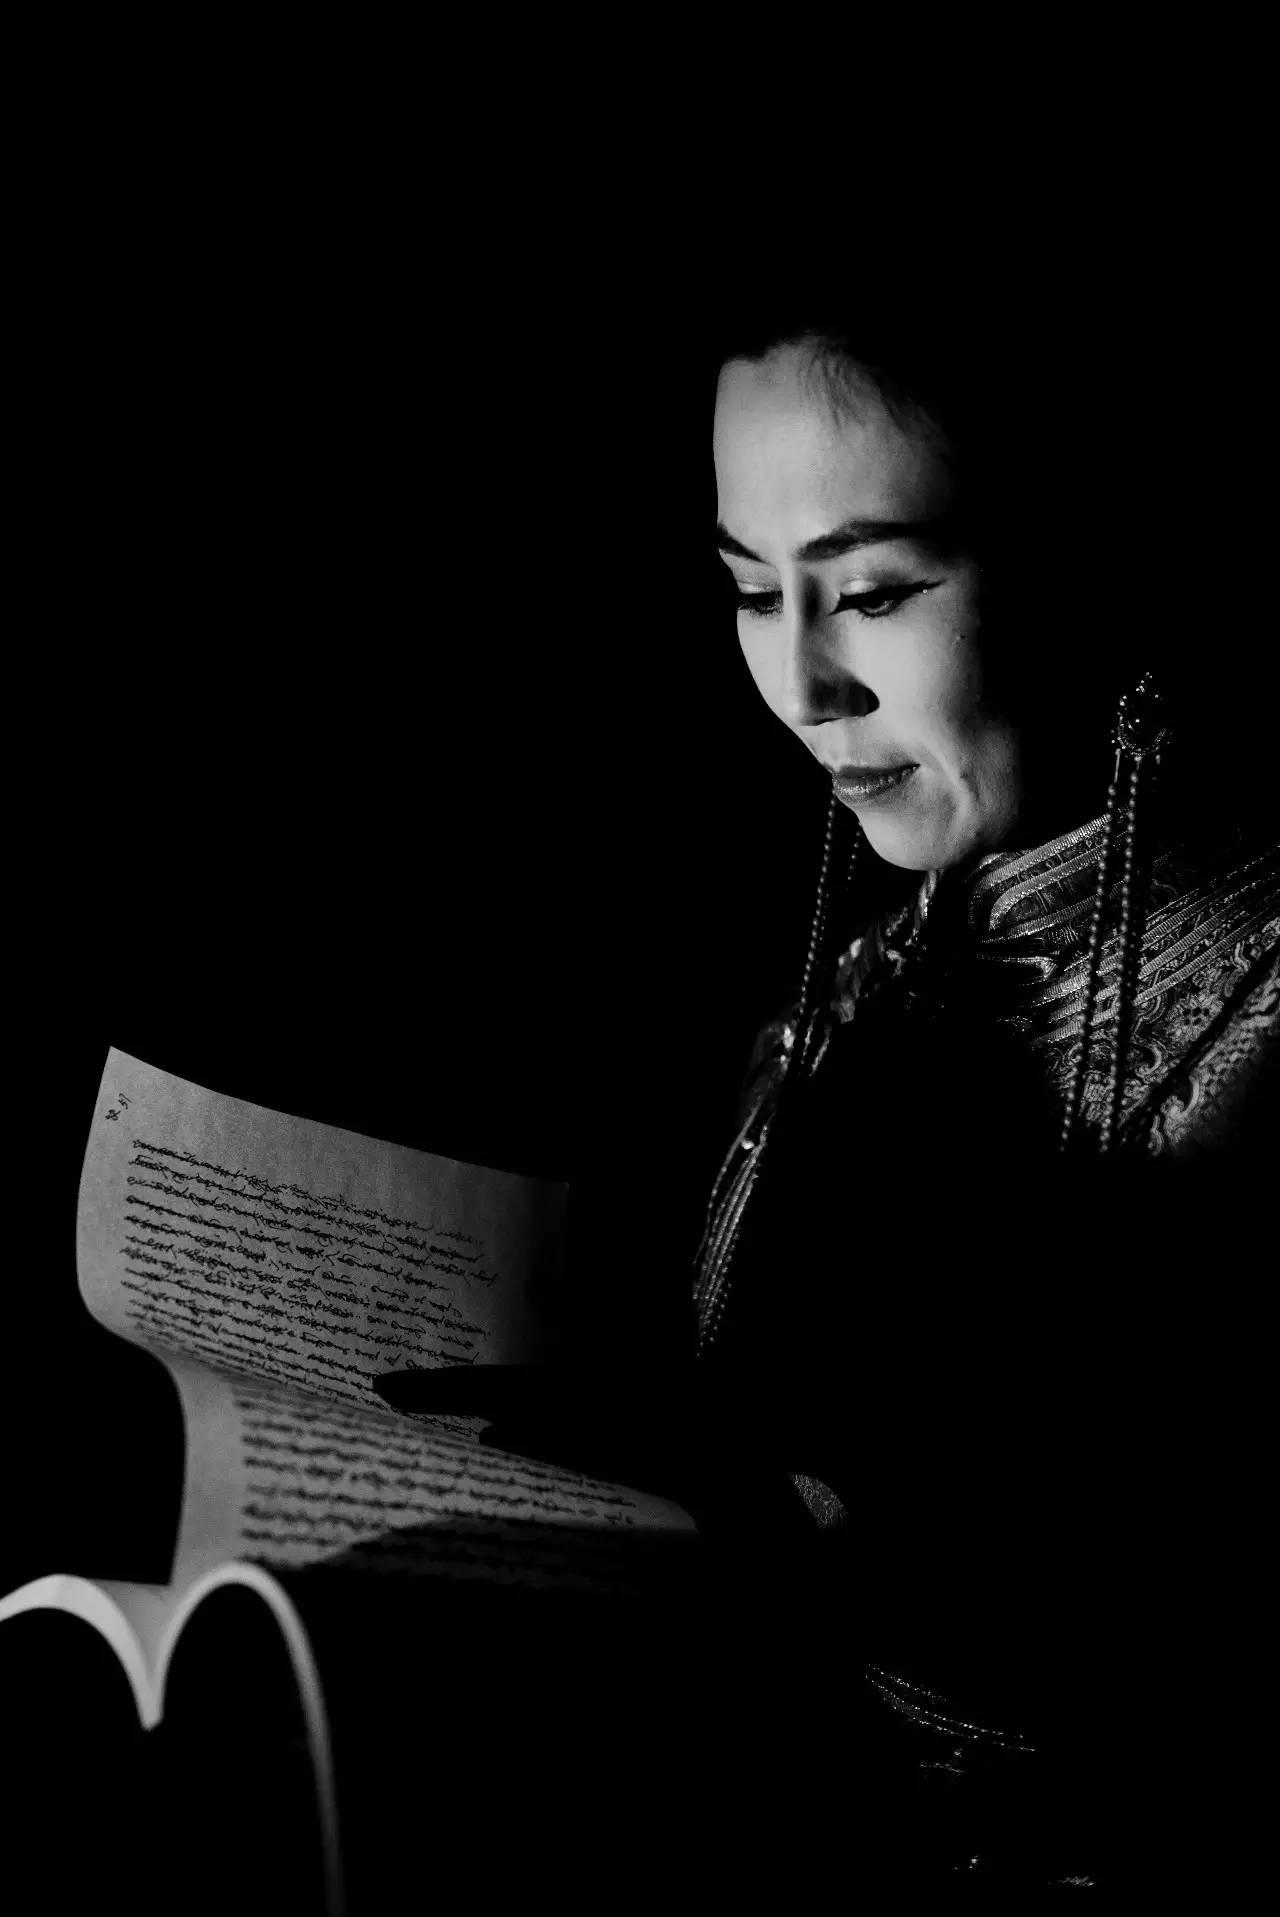 【ANU美图】摄影师吉雅:传统蒙古族牧民黑白纪实作品欣赏 第11张 【ANU美图】摄影师吉雅:传统蒙古族牧民黑白纪实作品欣赏 蒙古文化